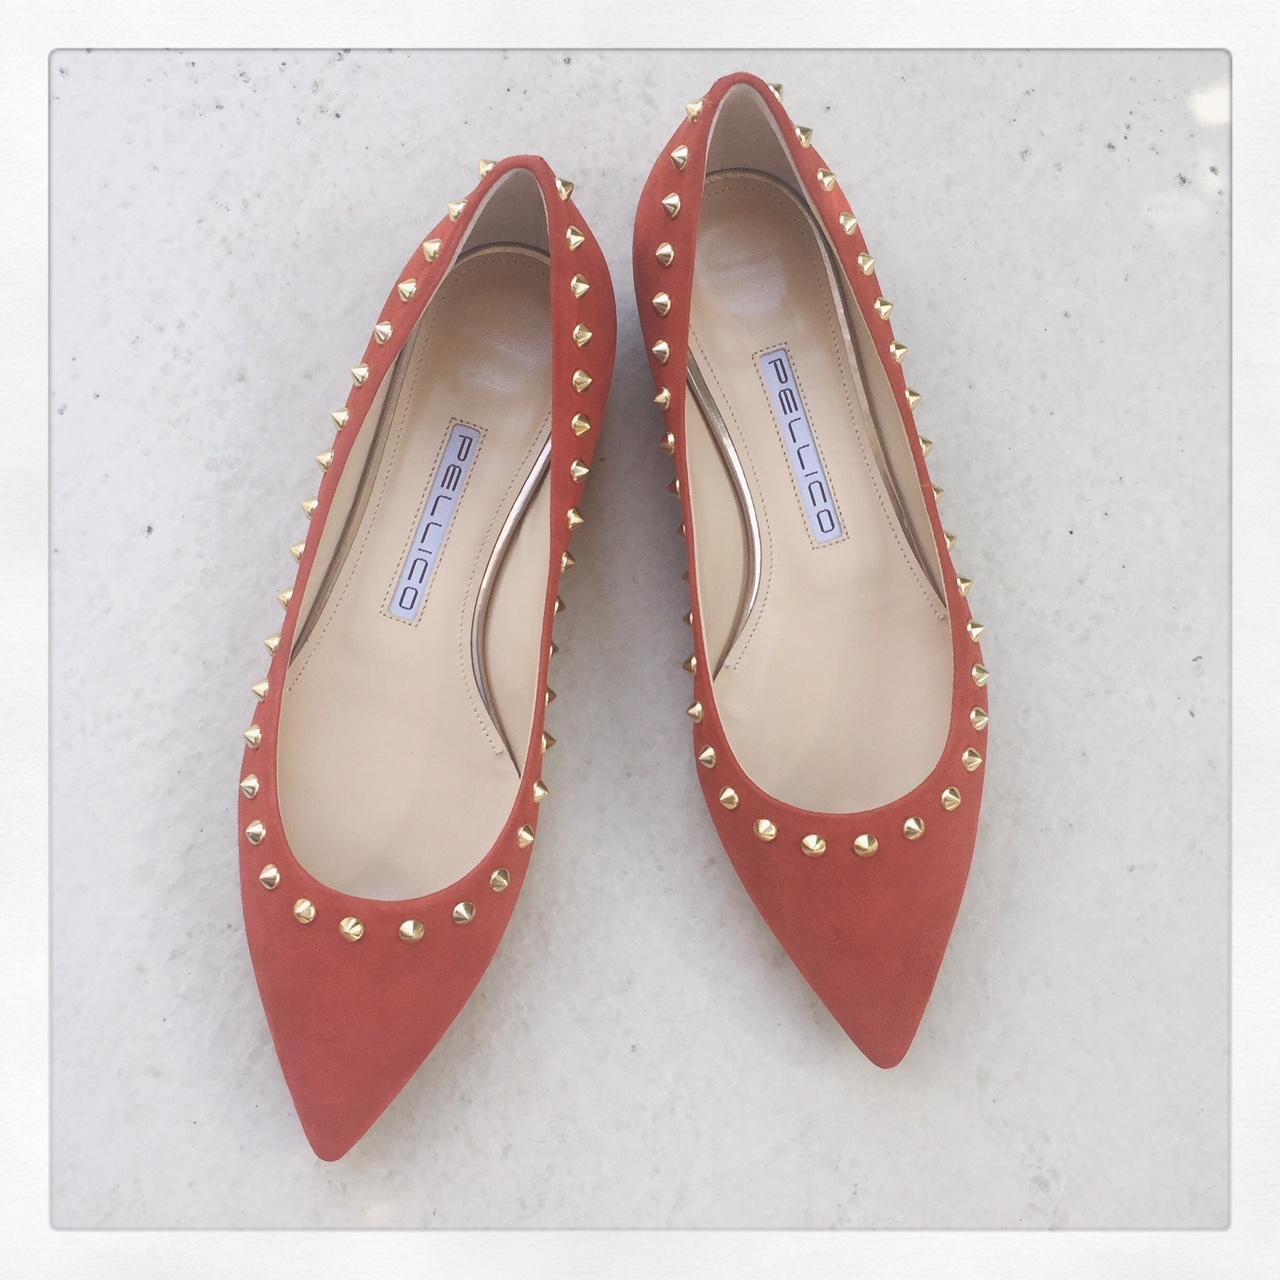 やっぱり靴が好き♡シーズン始めは靴ばかり買ってしまう・・・_1_2